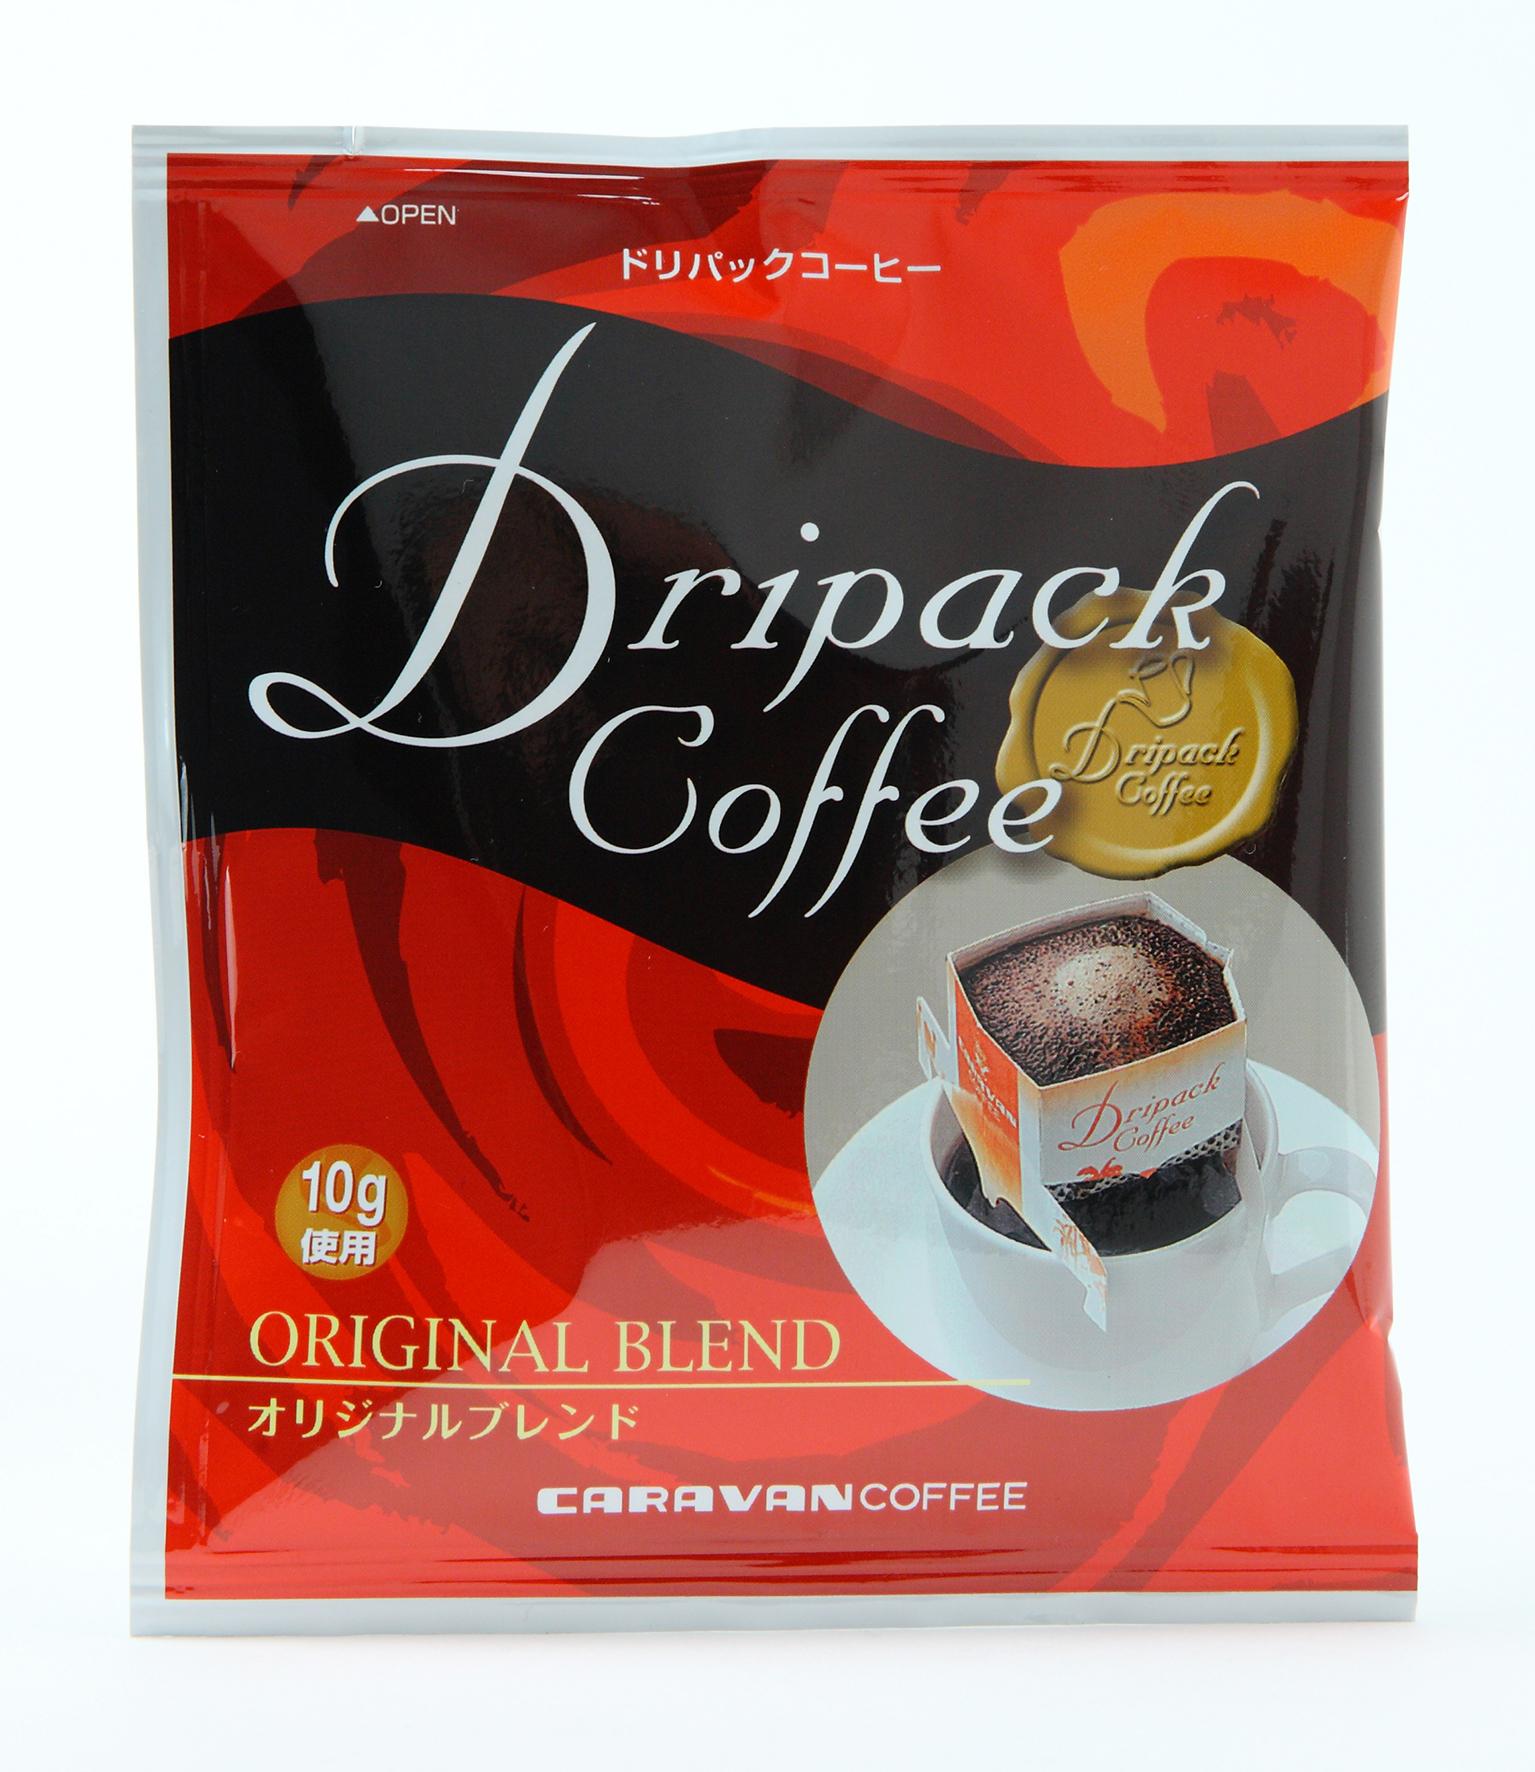 オリジナルドリップバッグコーヒー制作のカラー印刷見本